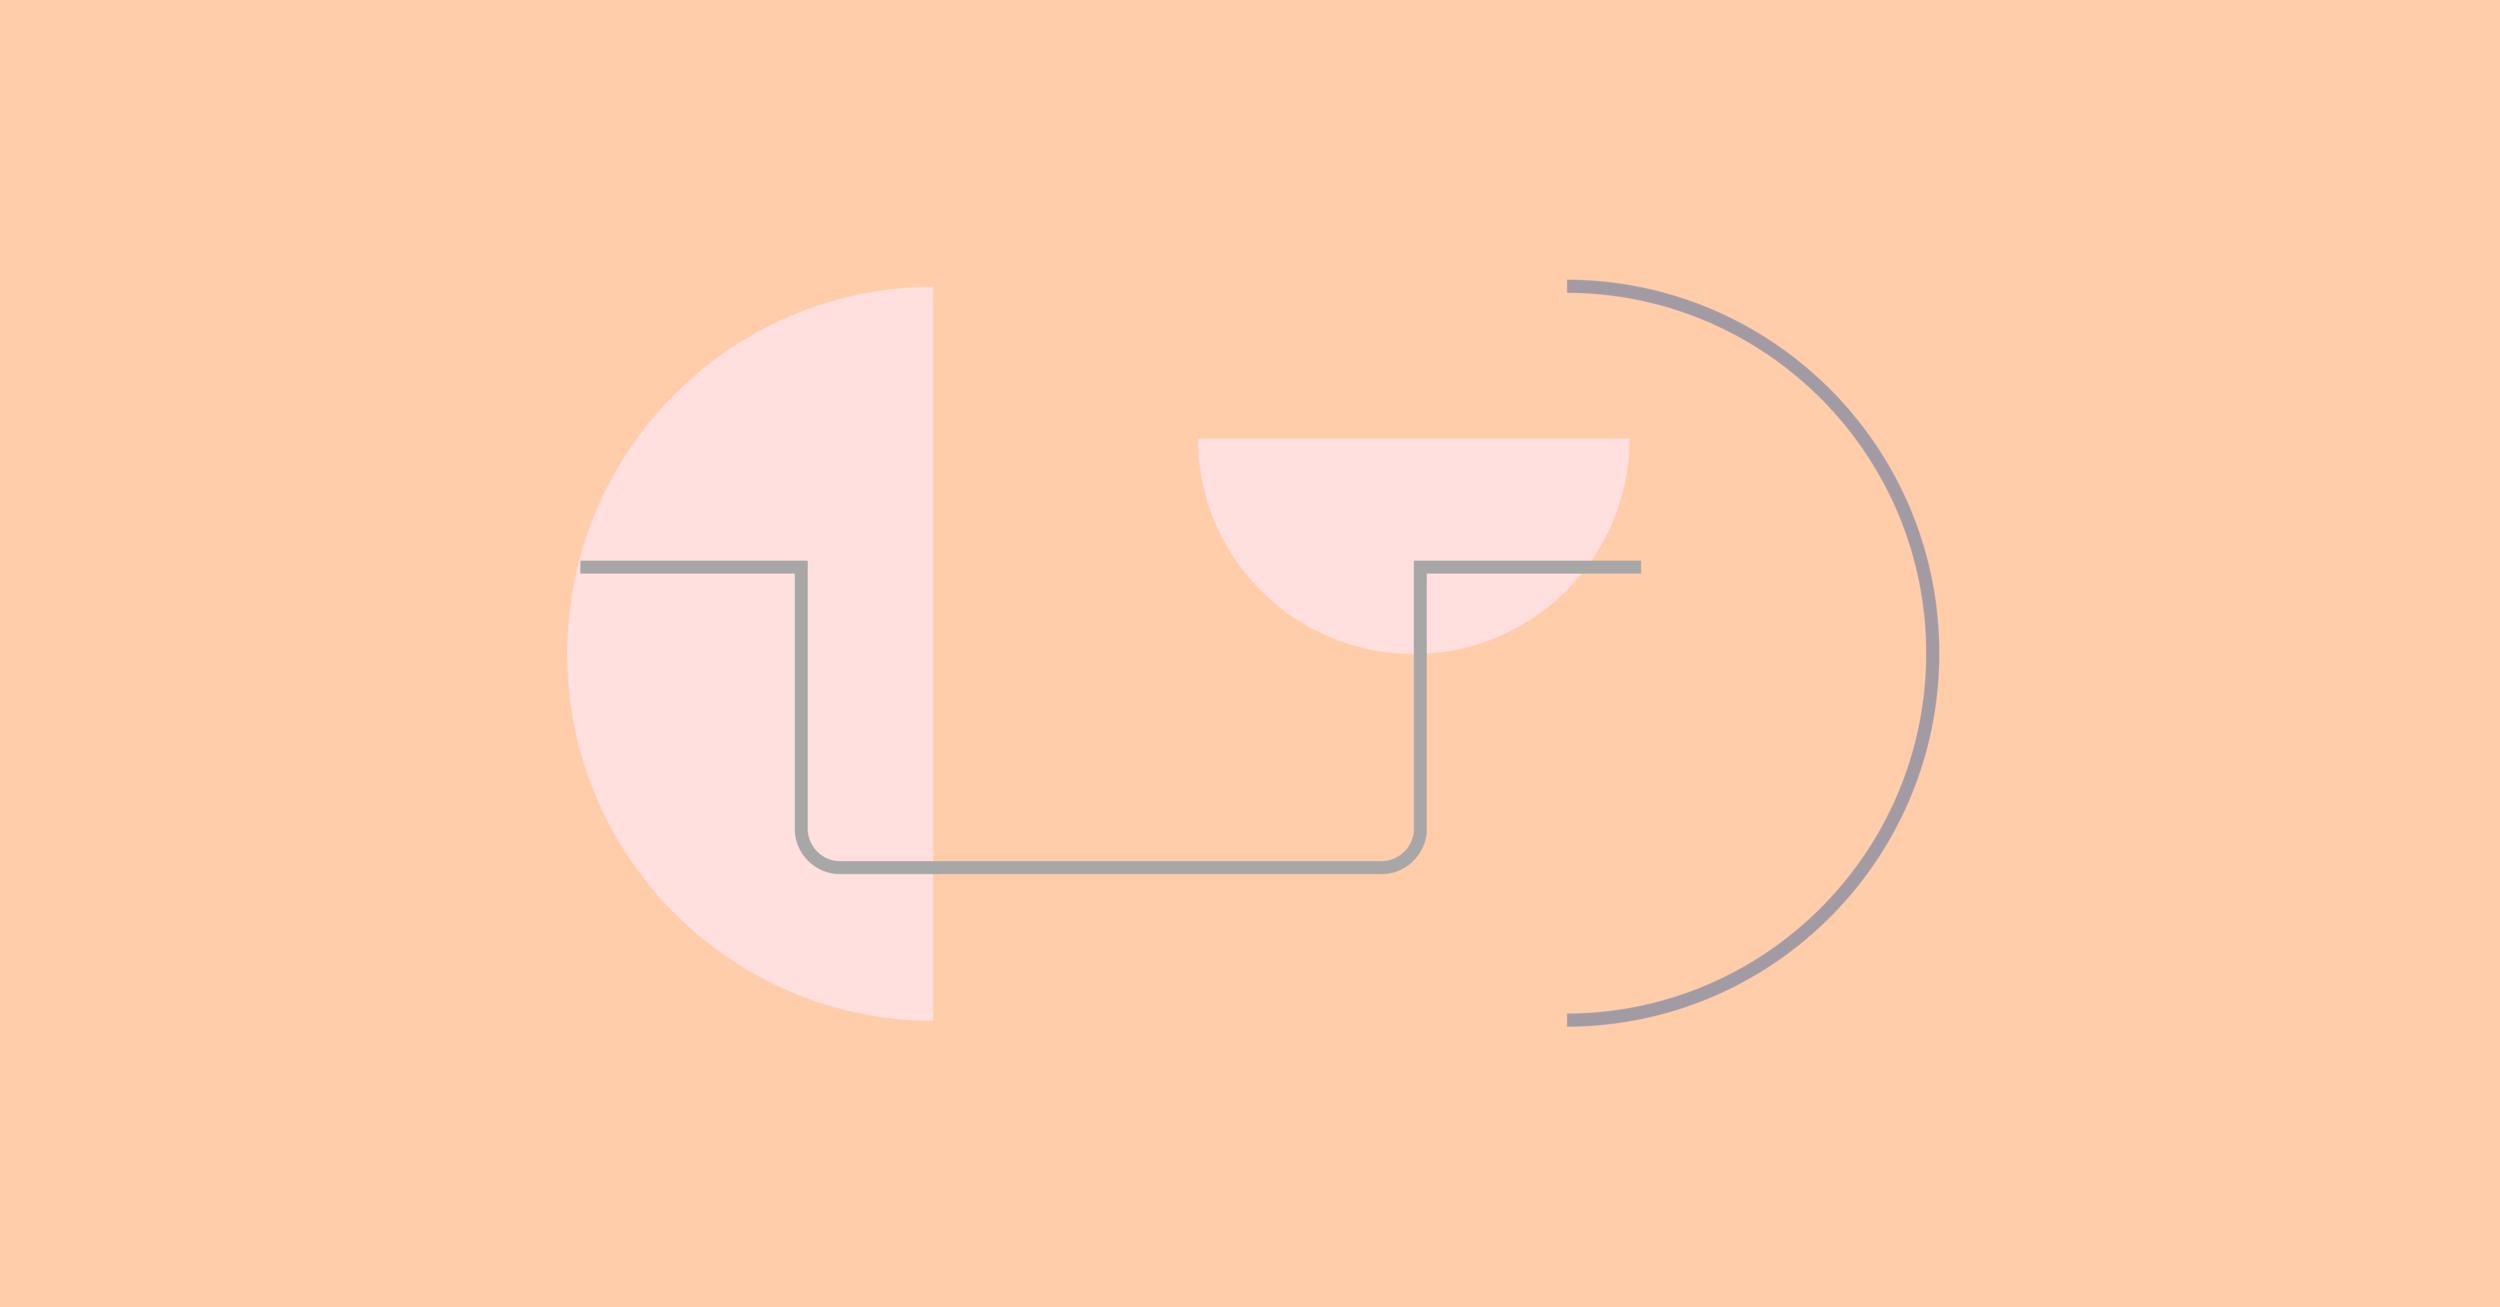 Retainer symbol